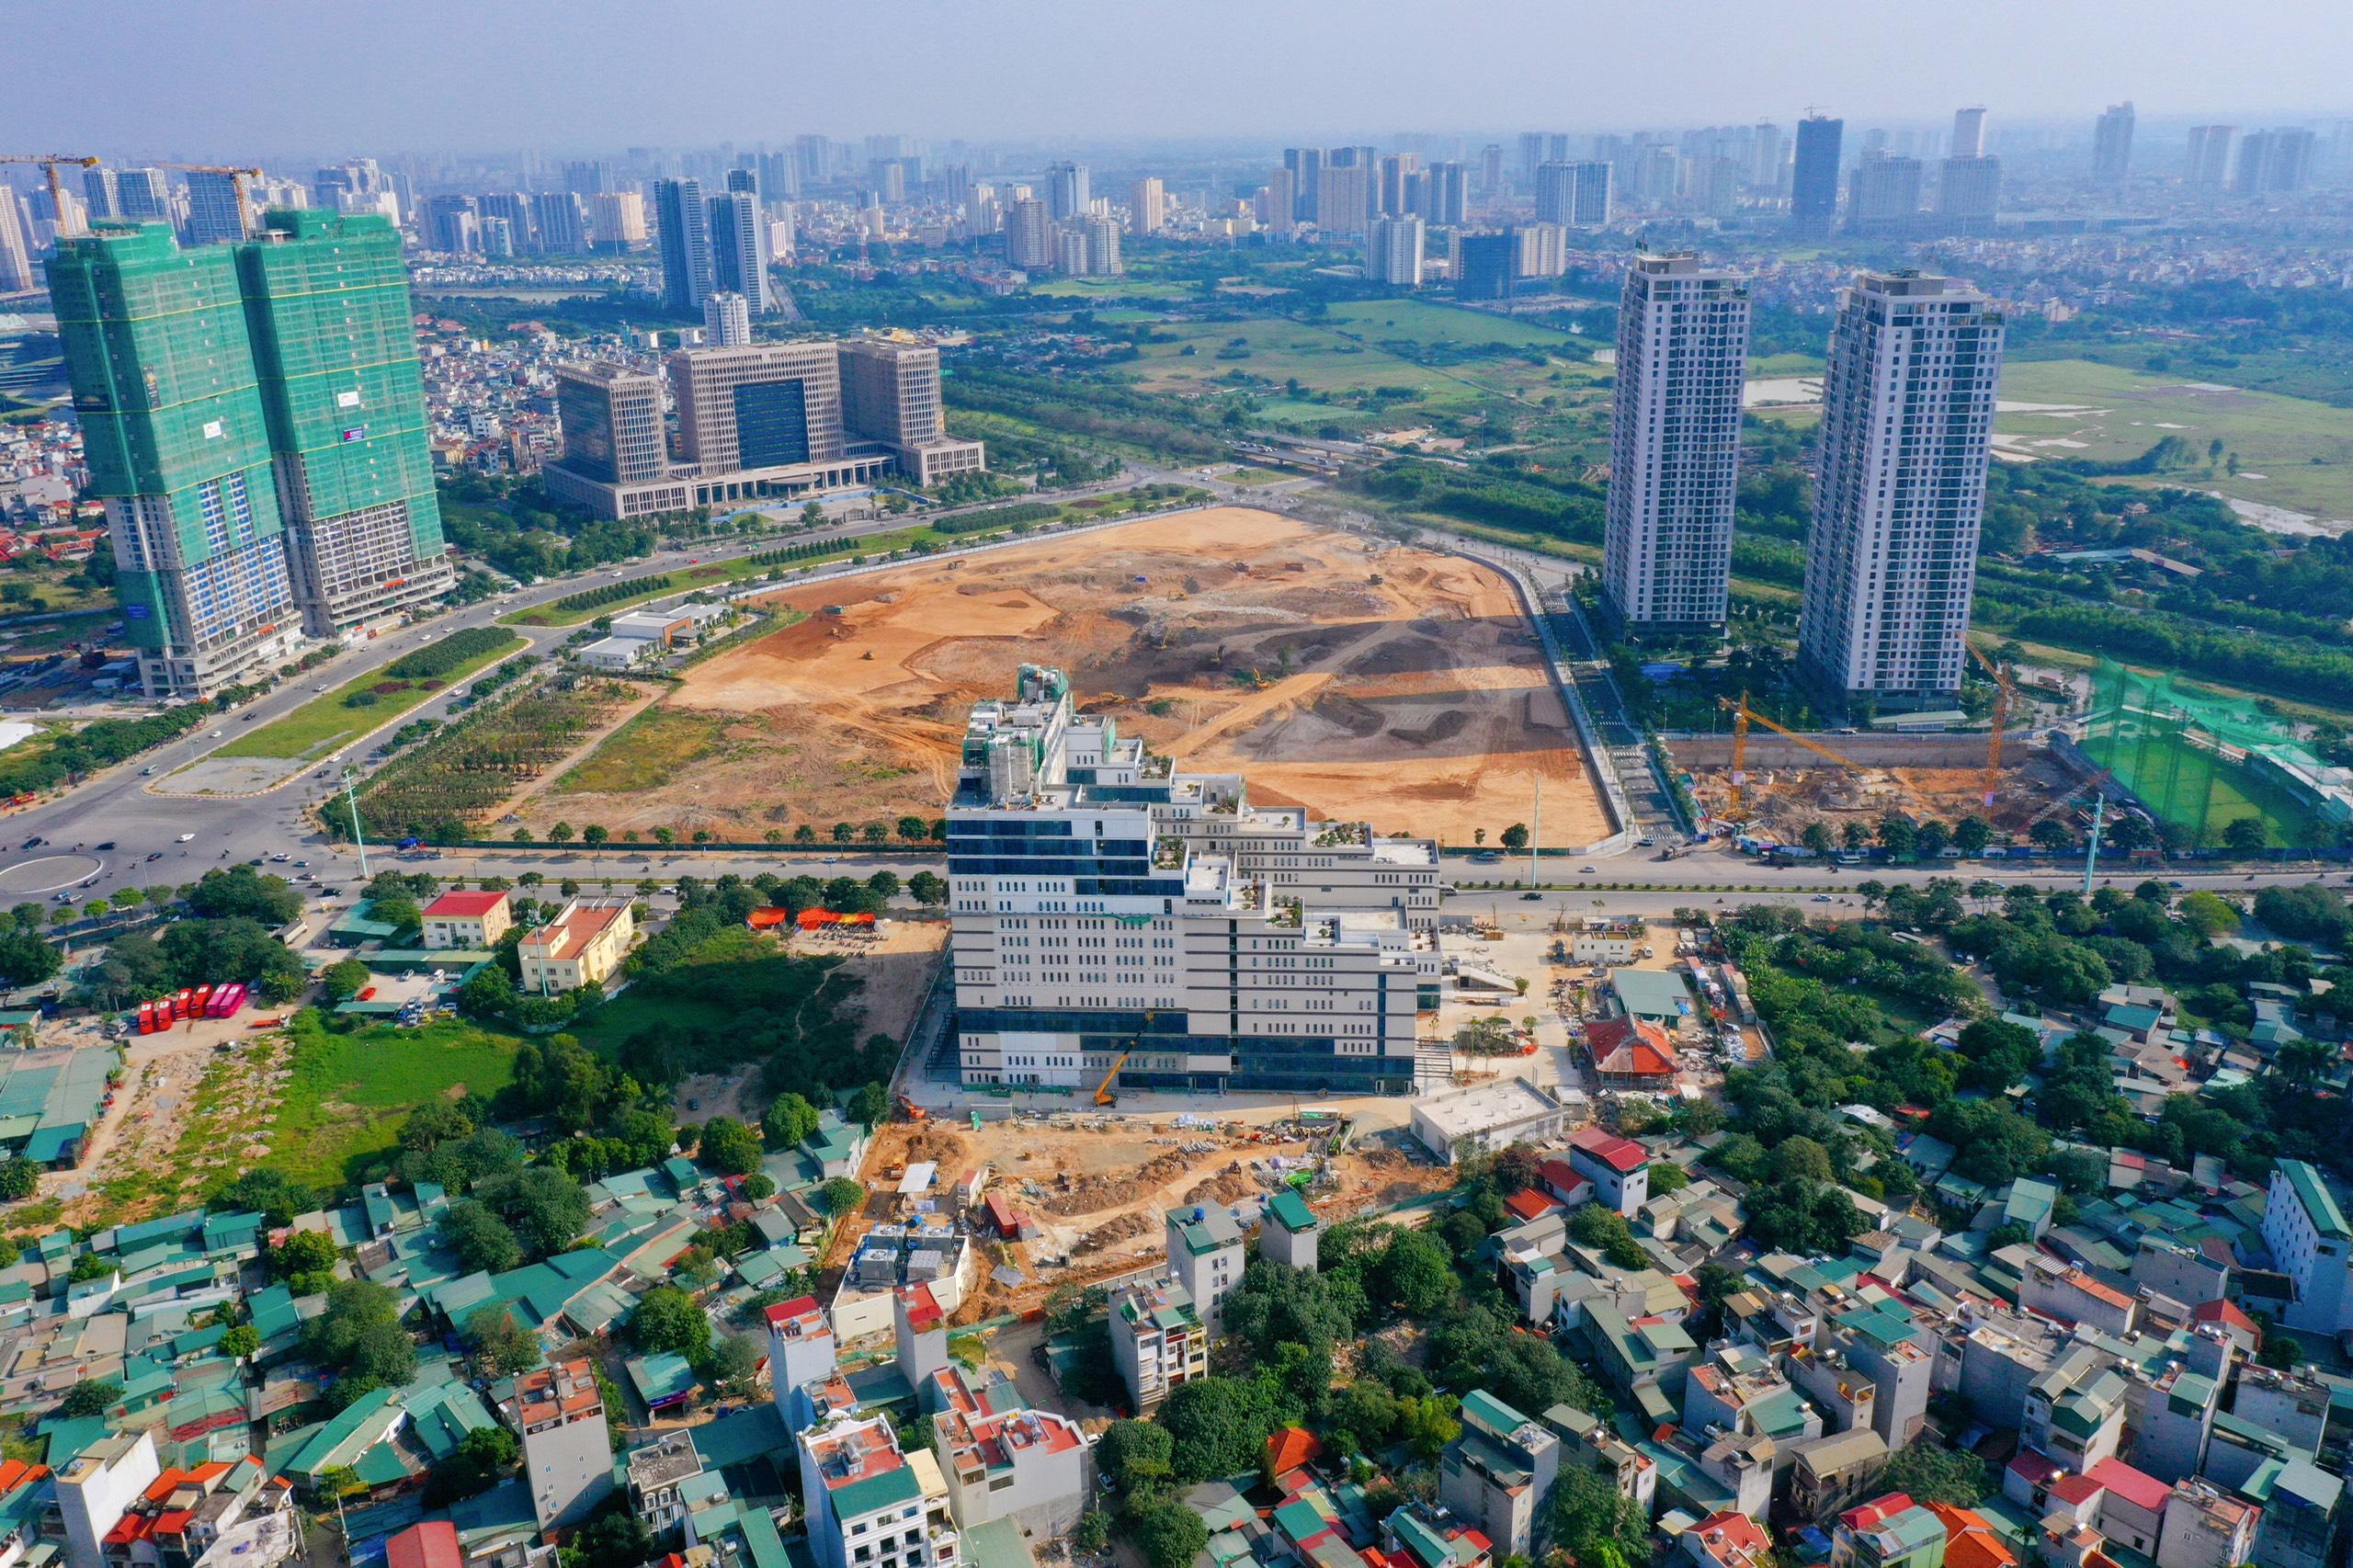 Sắp có thêm bệnh viện 5 sao hơn 2000 tỷ và công viên 14ha tại quận Nam Từ Liêm - Ảnh 1